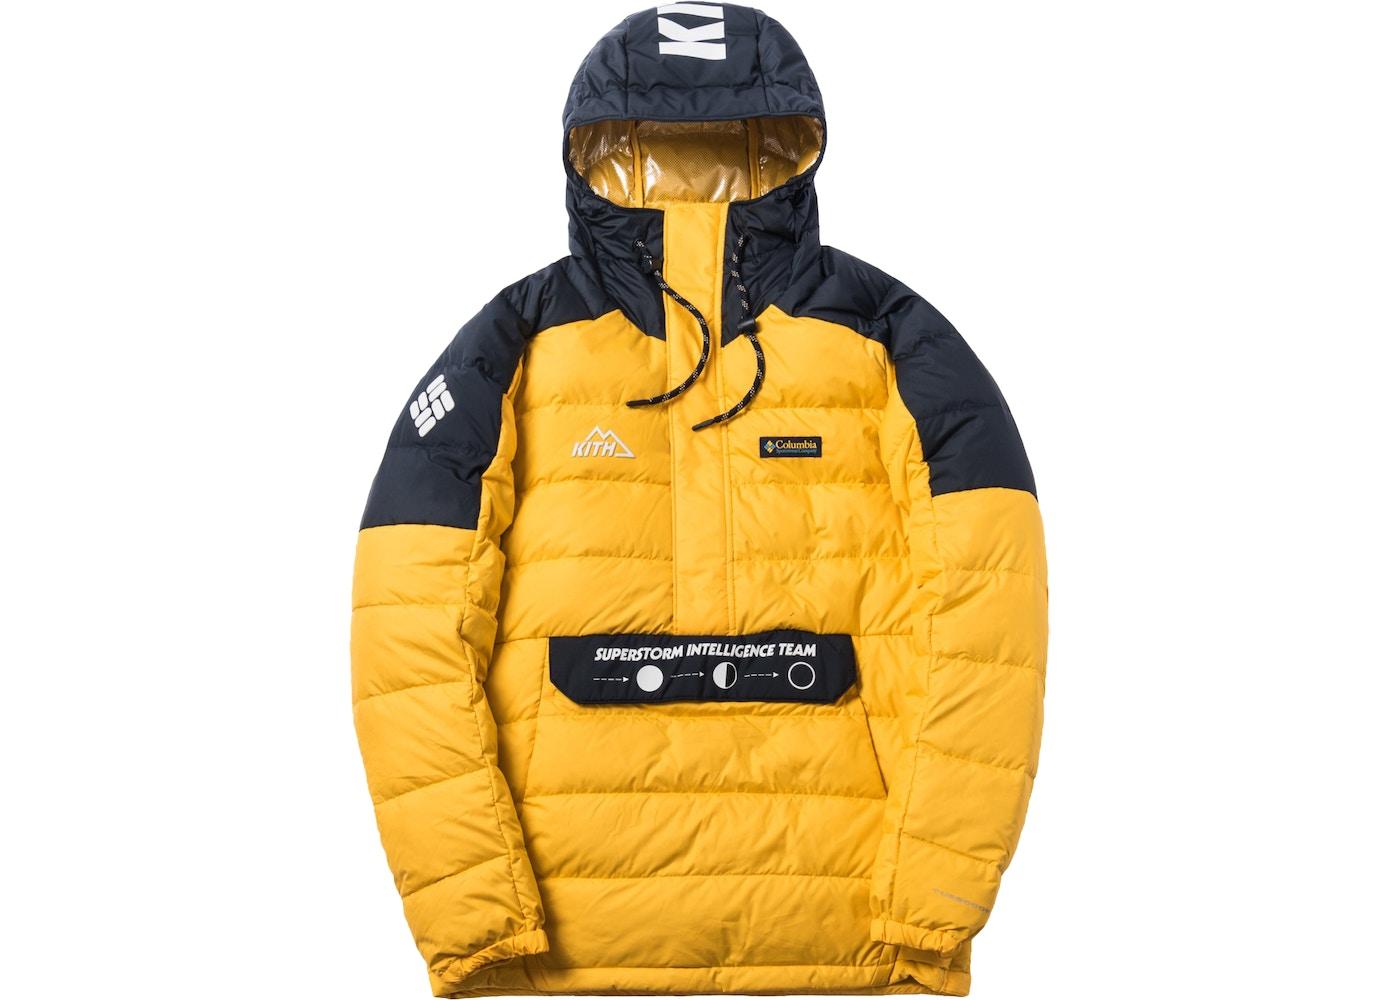 5db4af64 Streetwear - Kith Jackets - Most Popular